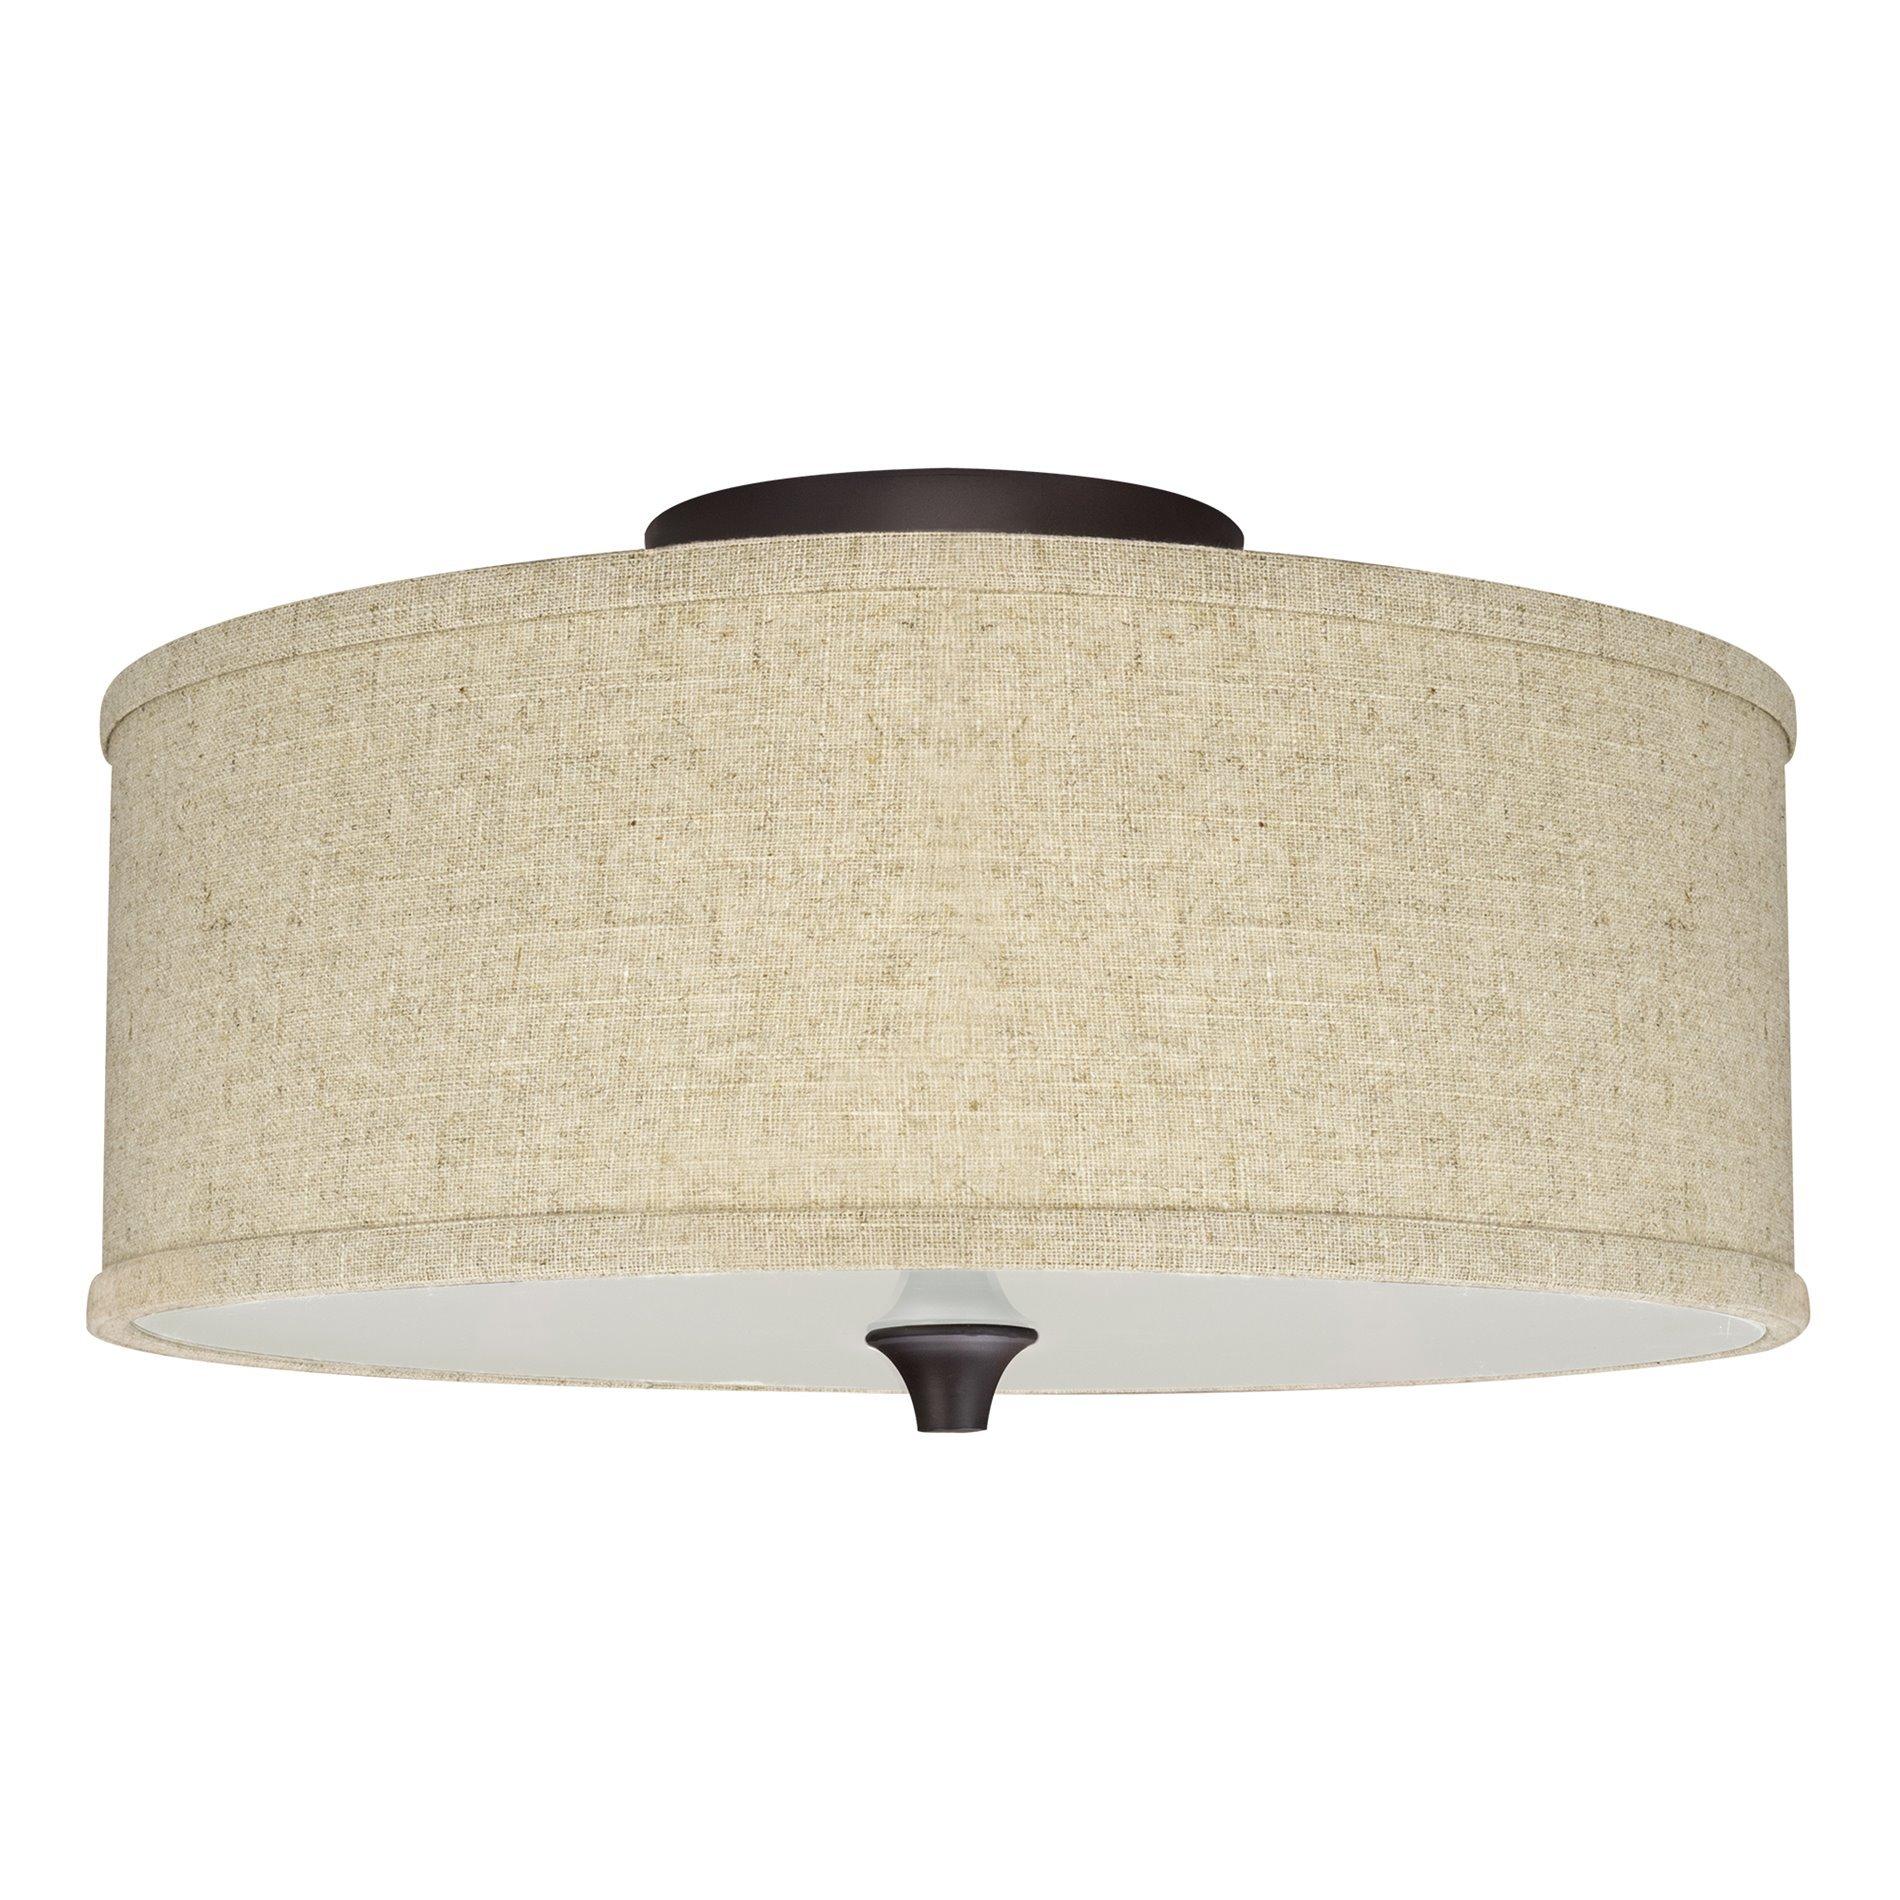 Kira Home Newport 14'' 2-Light Semi-Flush Mount Ceiling Light + Beige Linen Drum Shade, Oil-Rubbed Bronze Finish